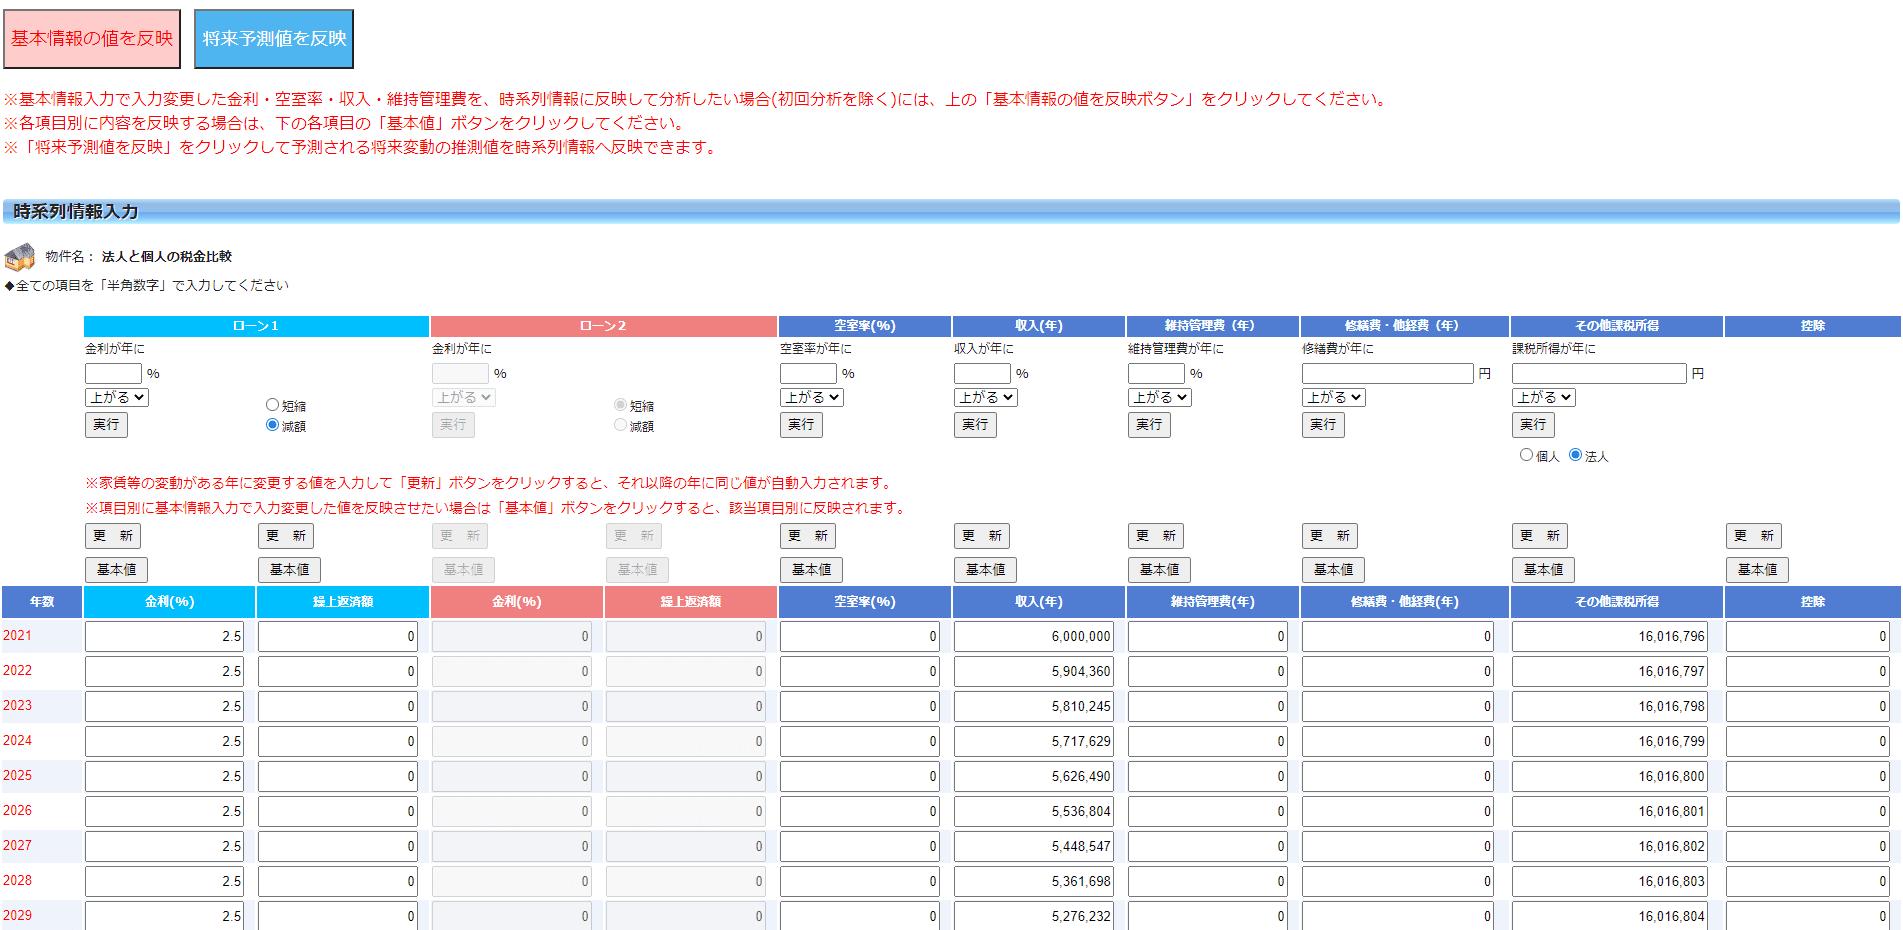 不動産投資支援ソフト アセットランクシミュレーター-時系列情報入力